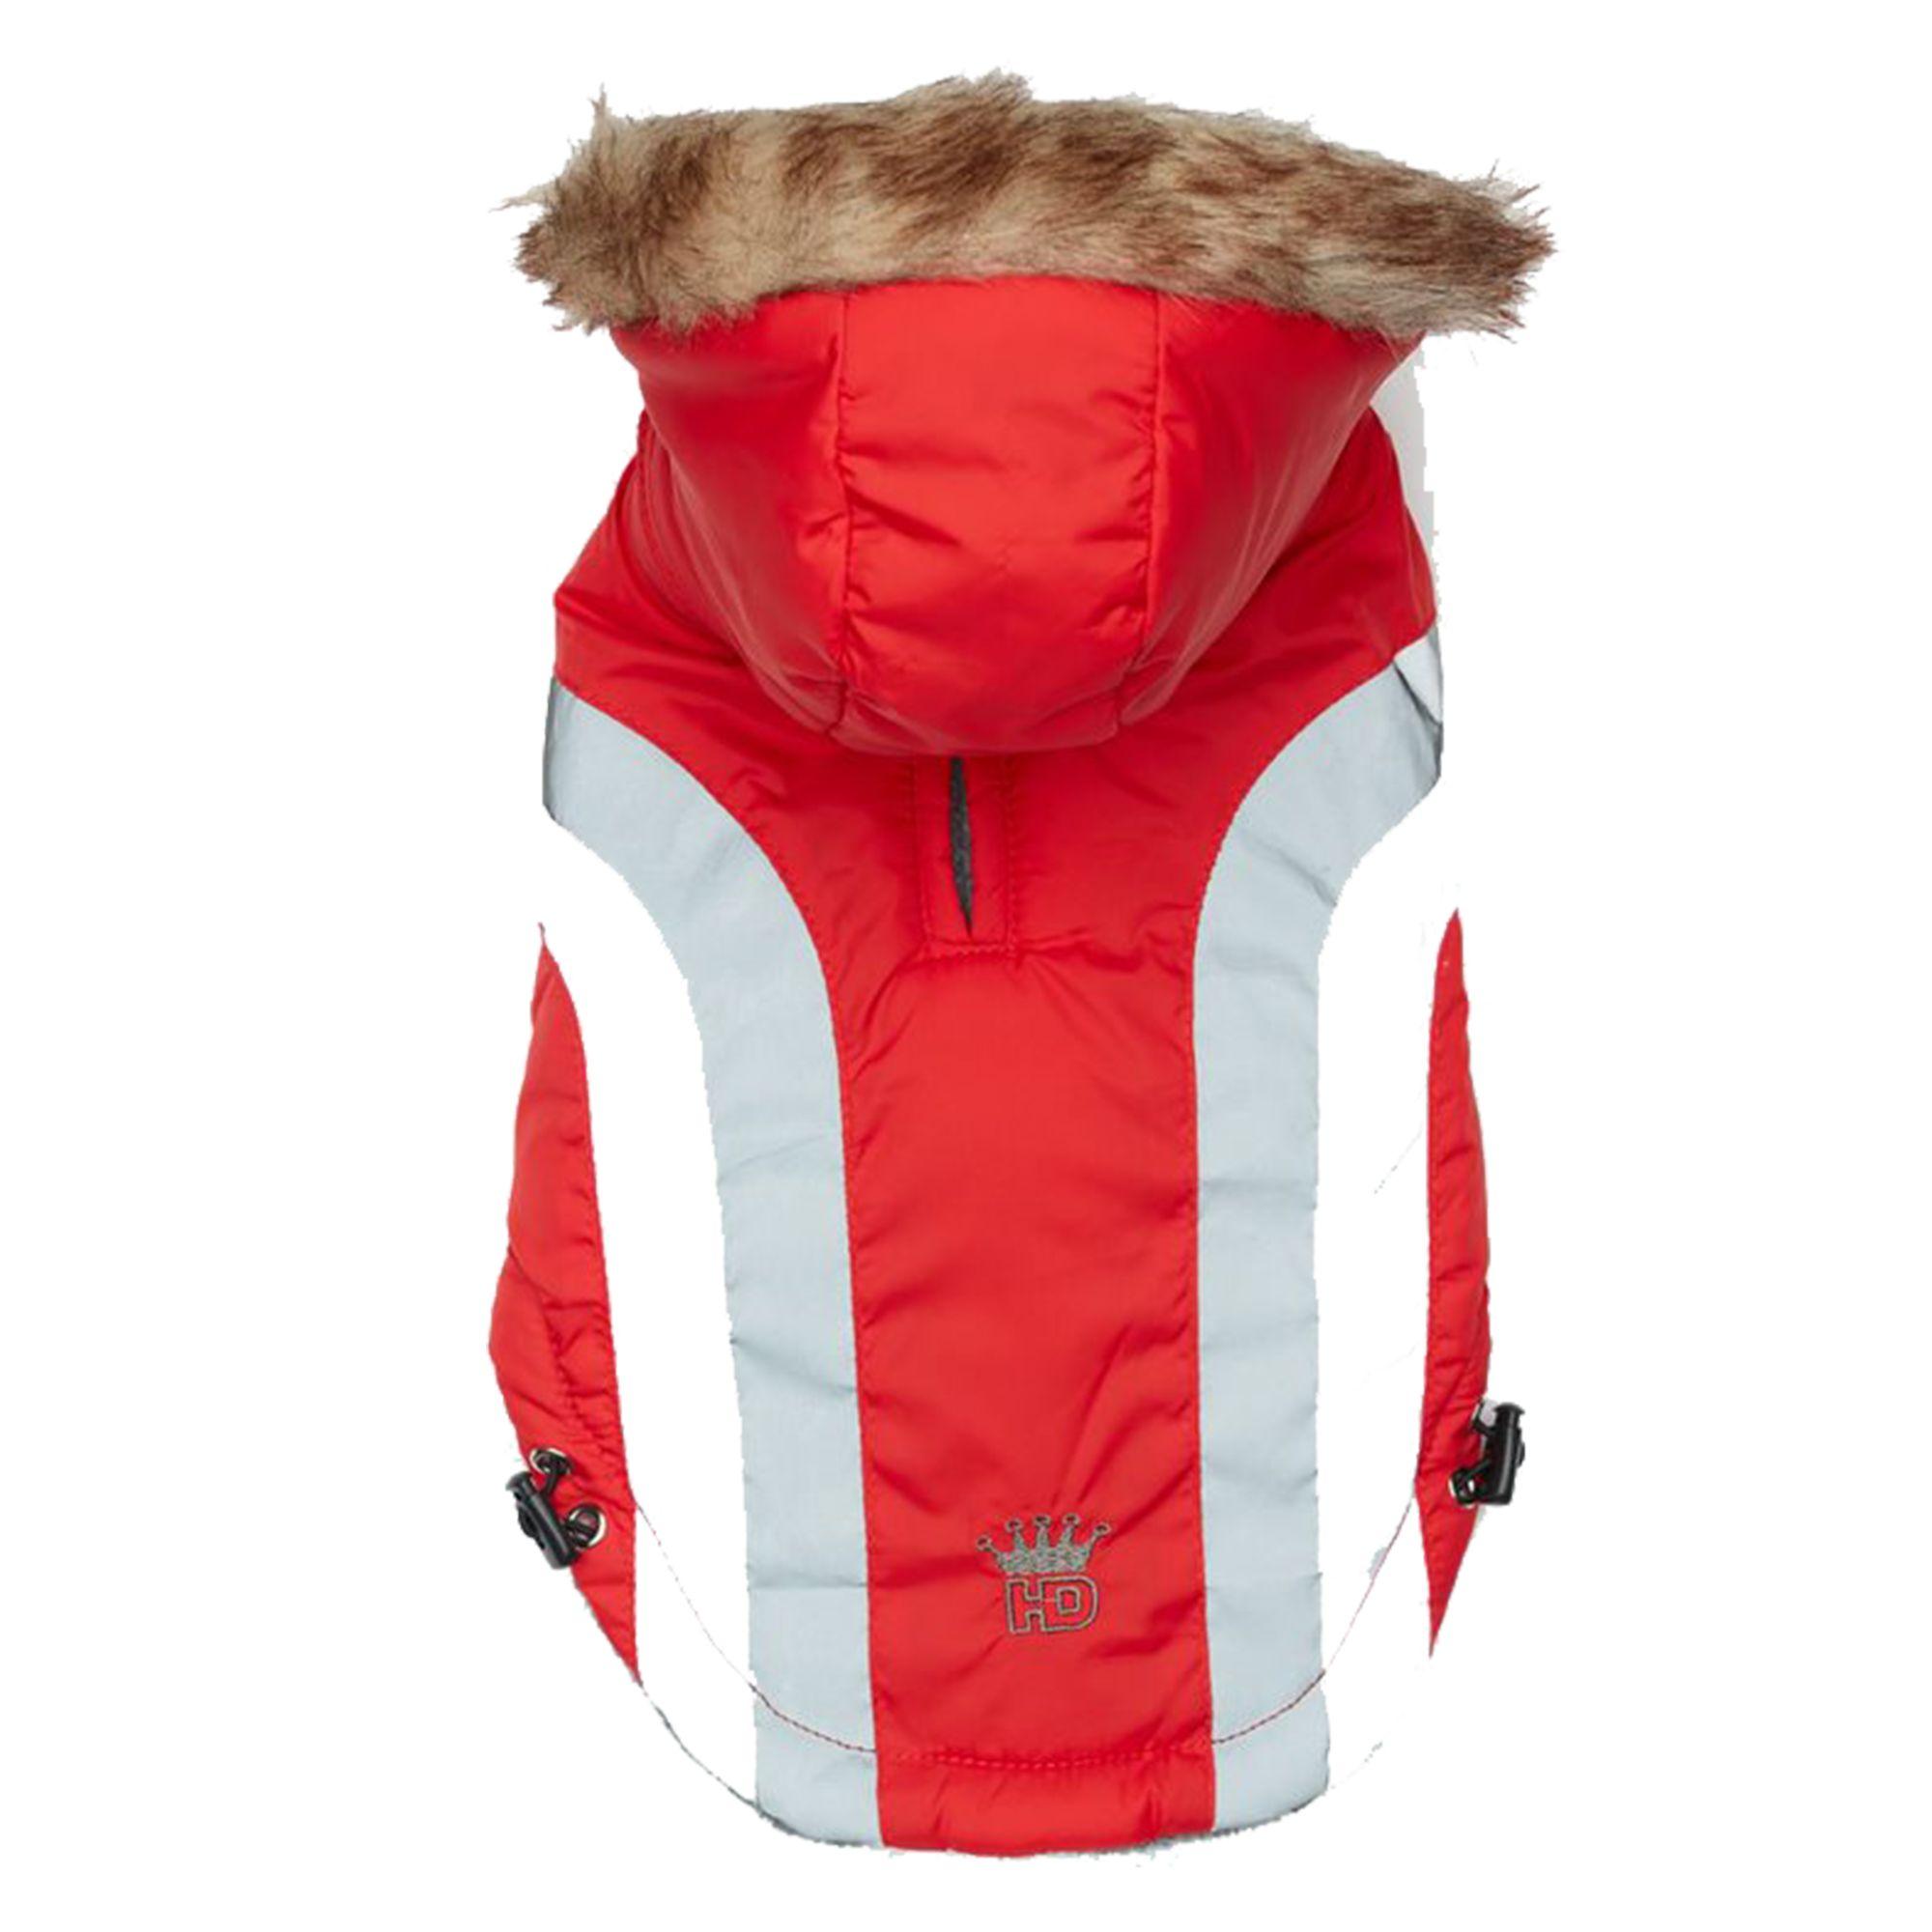 Hip Doggie Swiss Alpine Ski Vest size: Small, Red 5206277